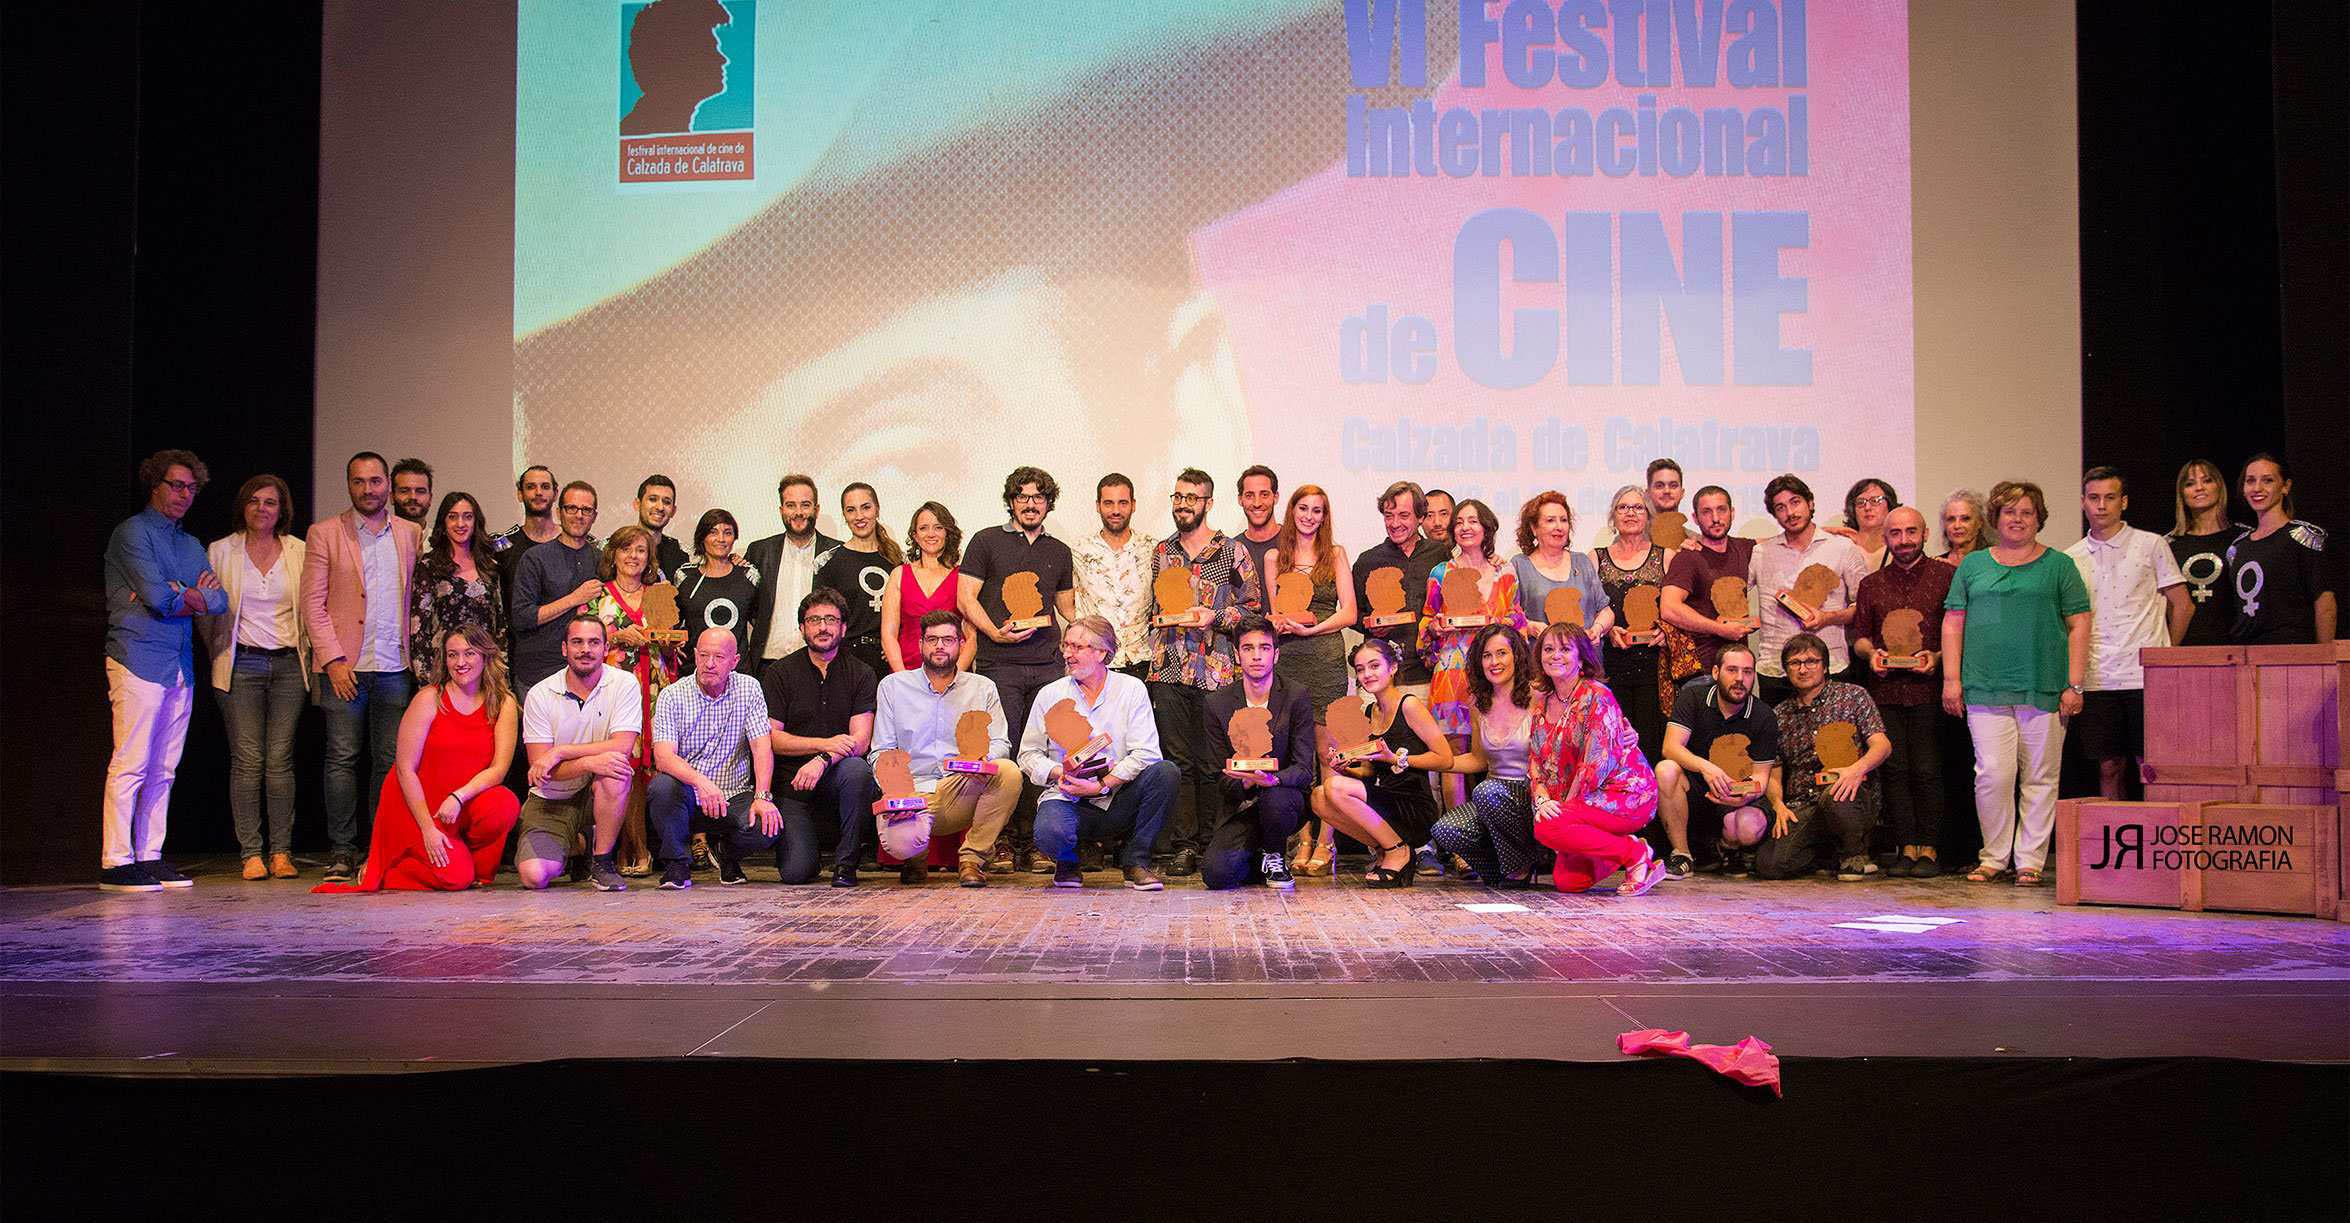 El Festival Internacional de Cine de Calzada de Calatrava abre el plazo para presentar Largometrajes, Cortometrajes y Microcortos a su Sección Oficial